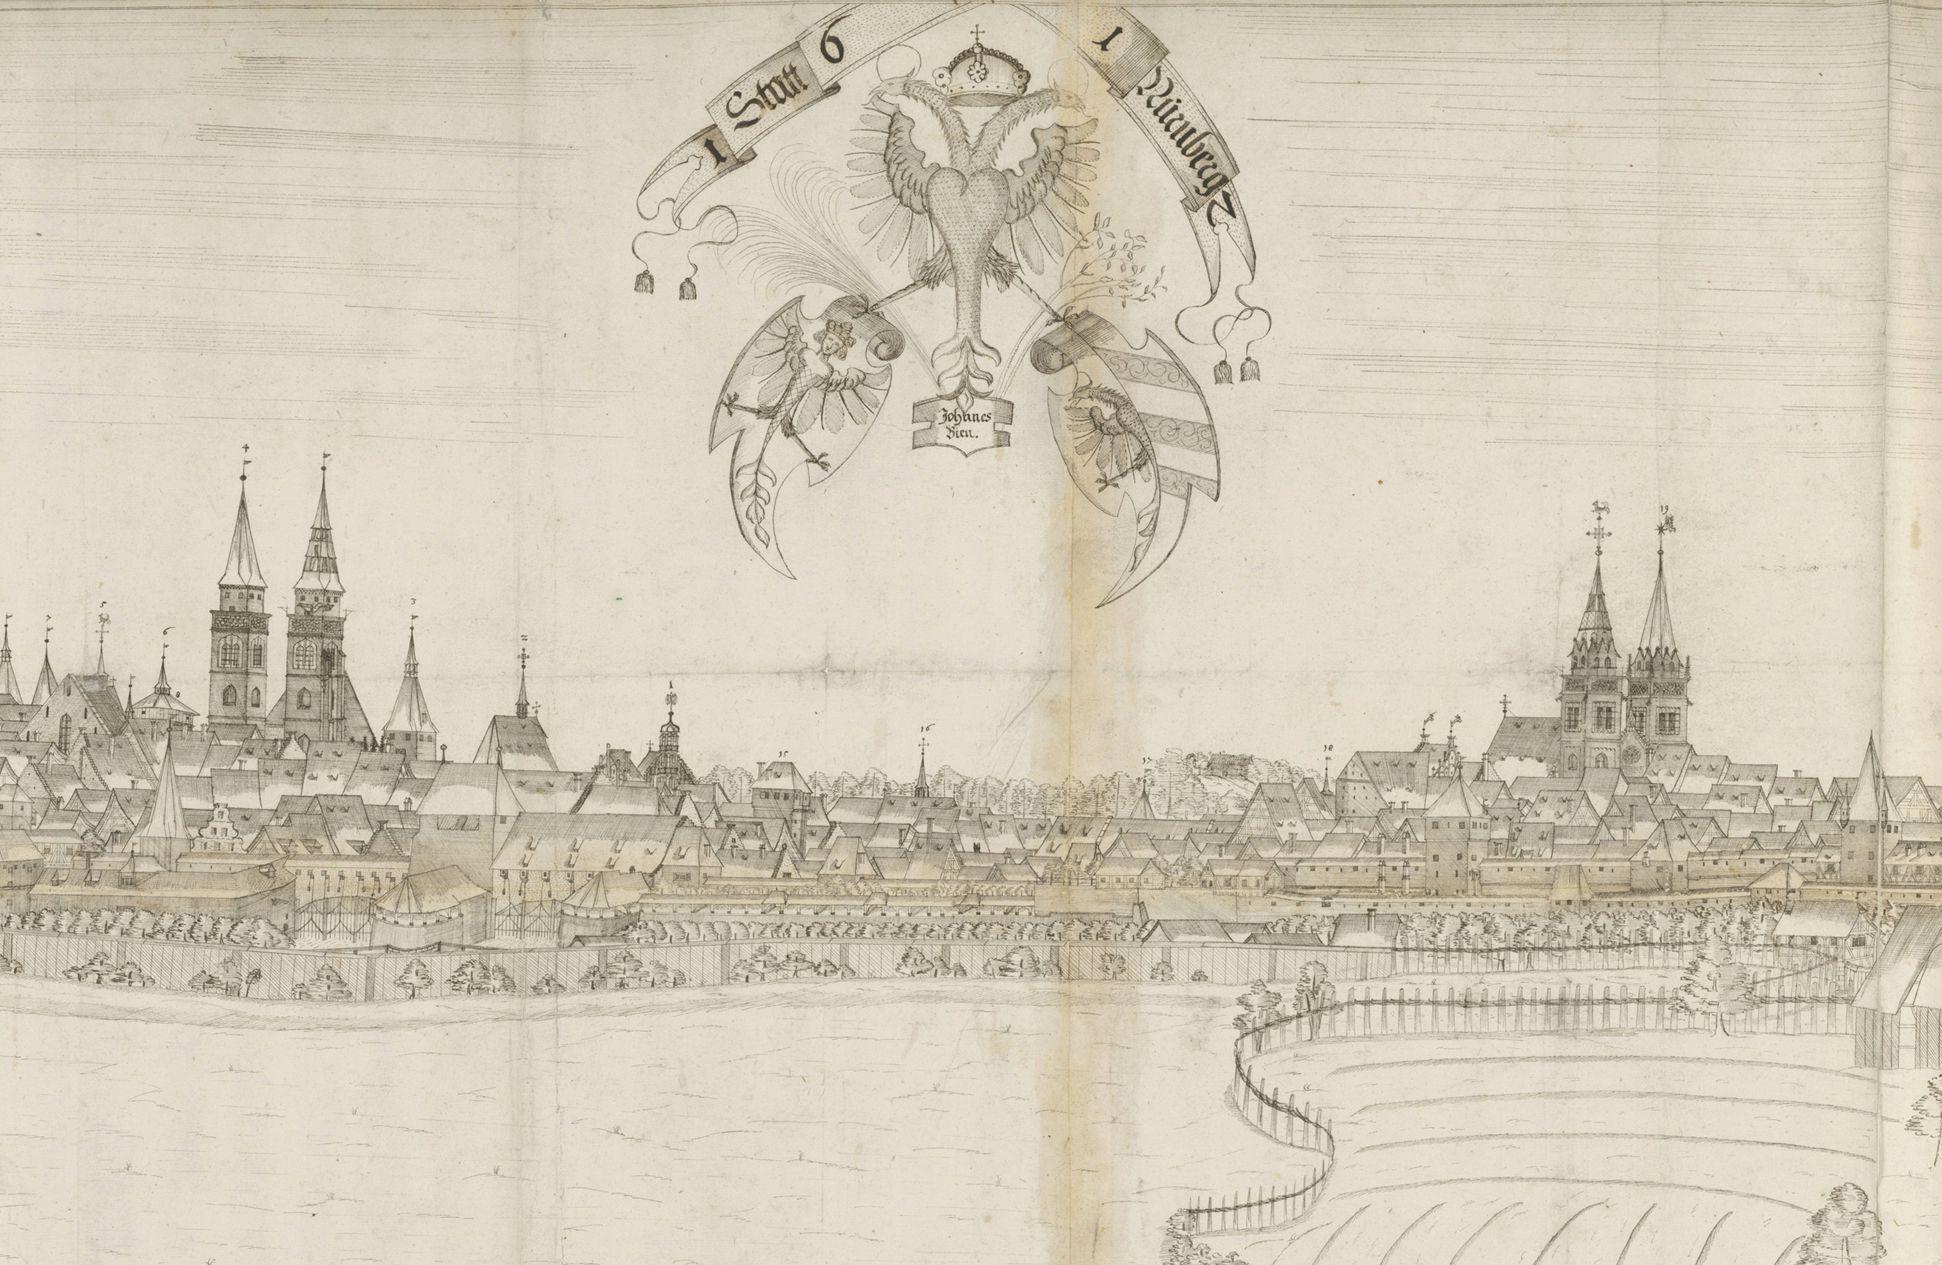 Panoramadarstellung der Stadt Nürnberg von Westen Detail vom Mittelbereich mit den beiden Hauptkirchen und Wappendreiverein